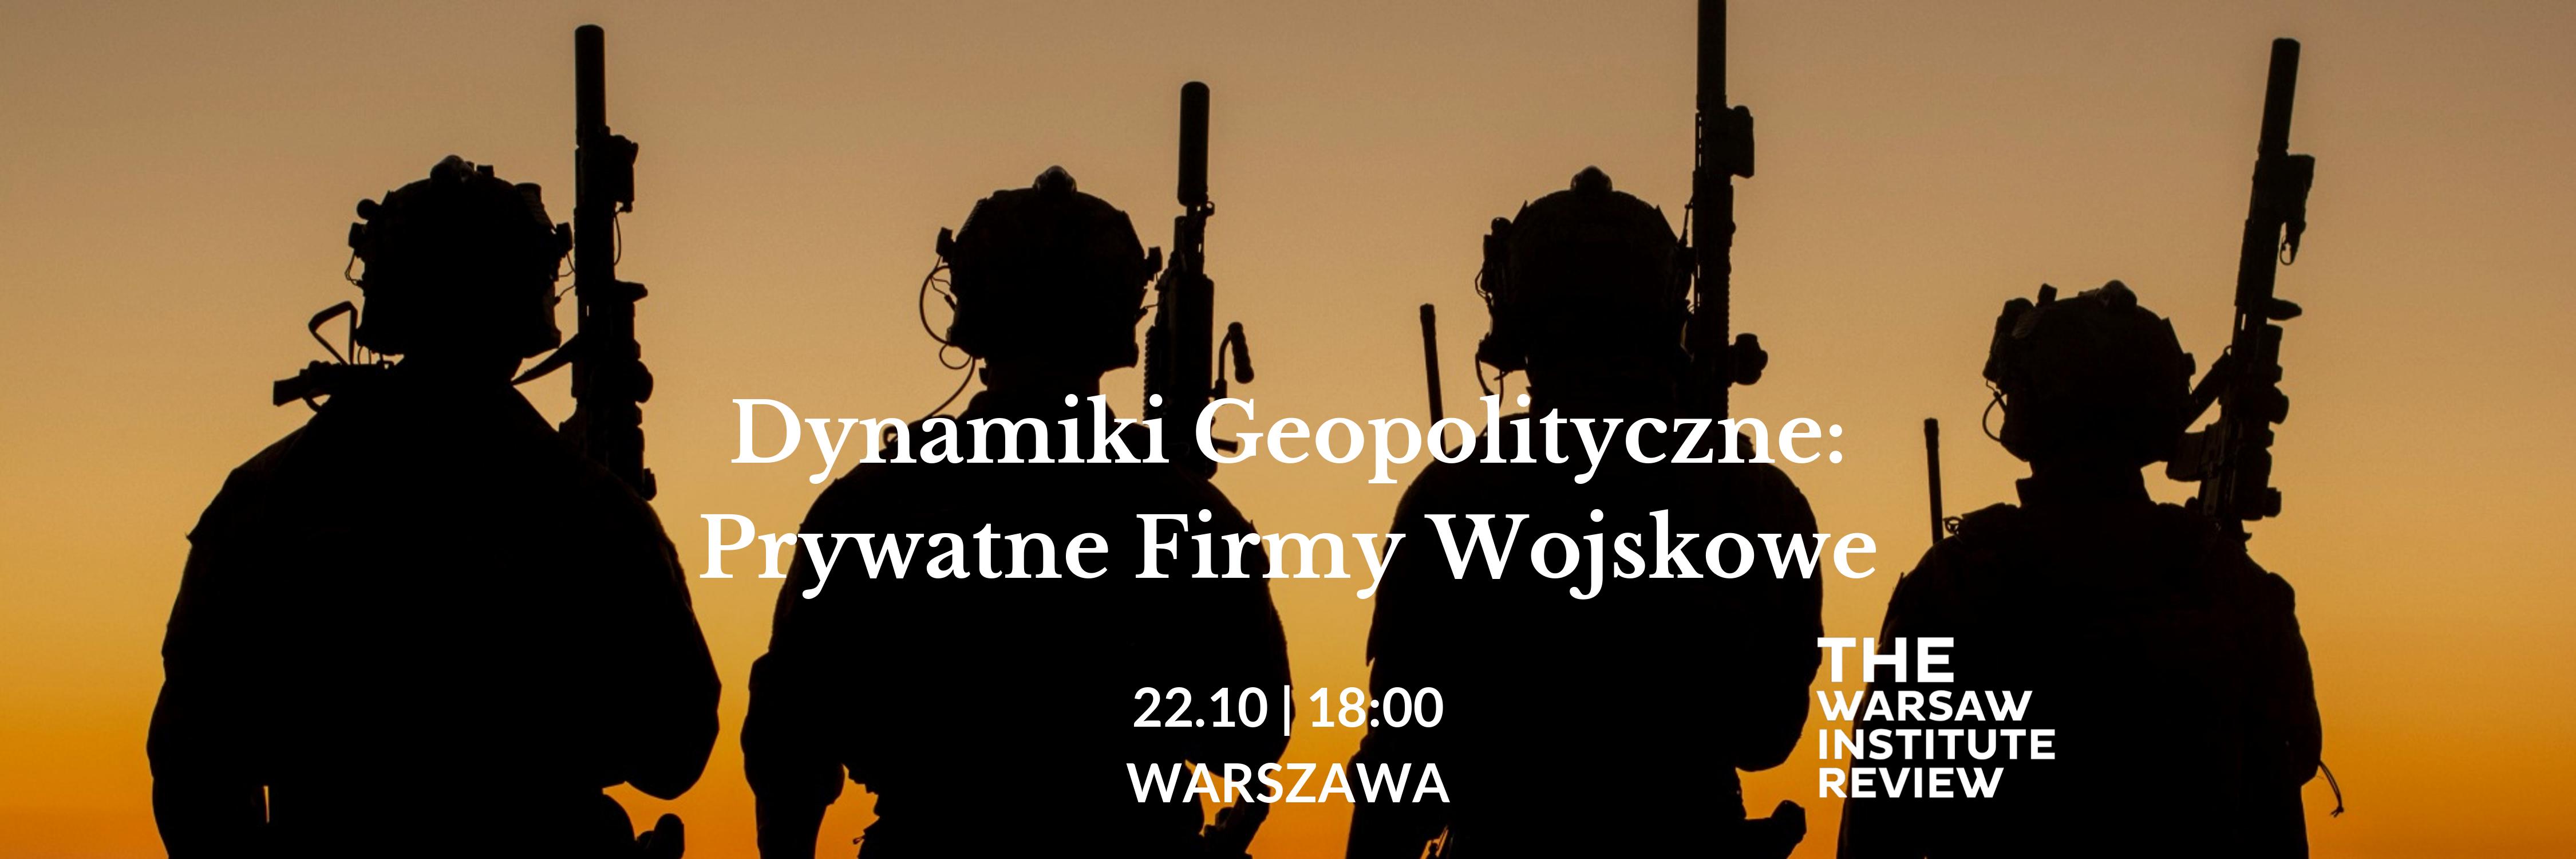 Dynamiki Geopolityczne: Prywatne Firmy Wojskowe – debata ekspertów Warsaw Institute już wkrótce!